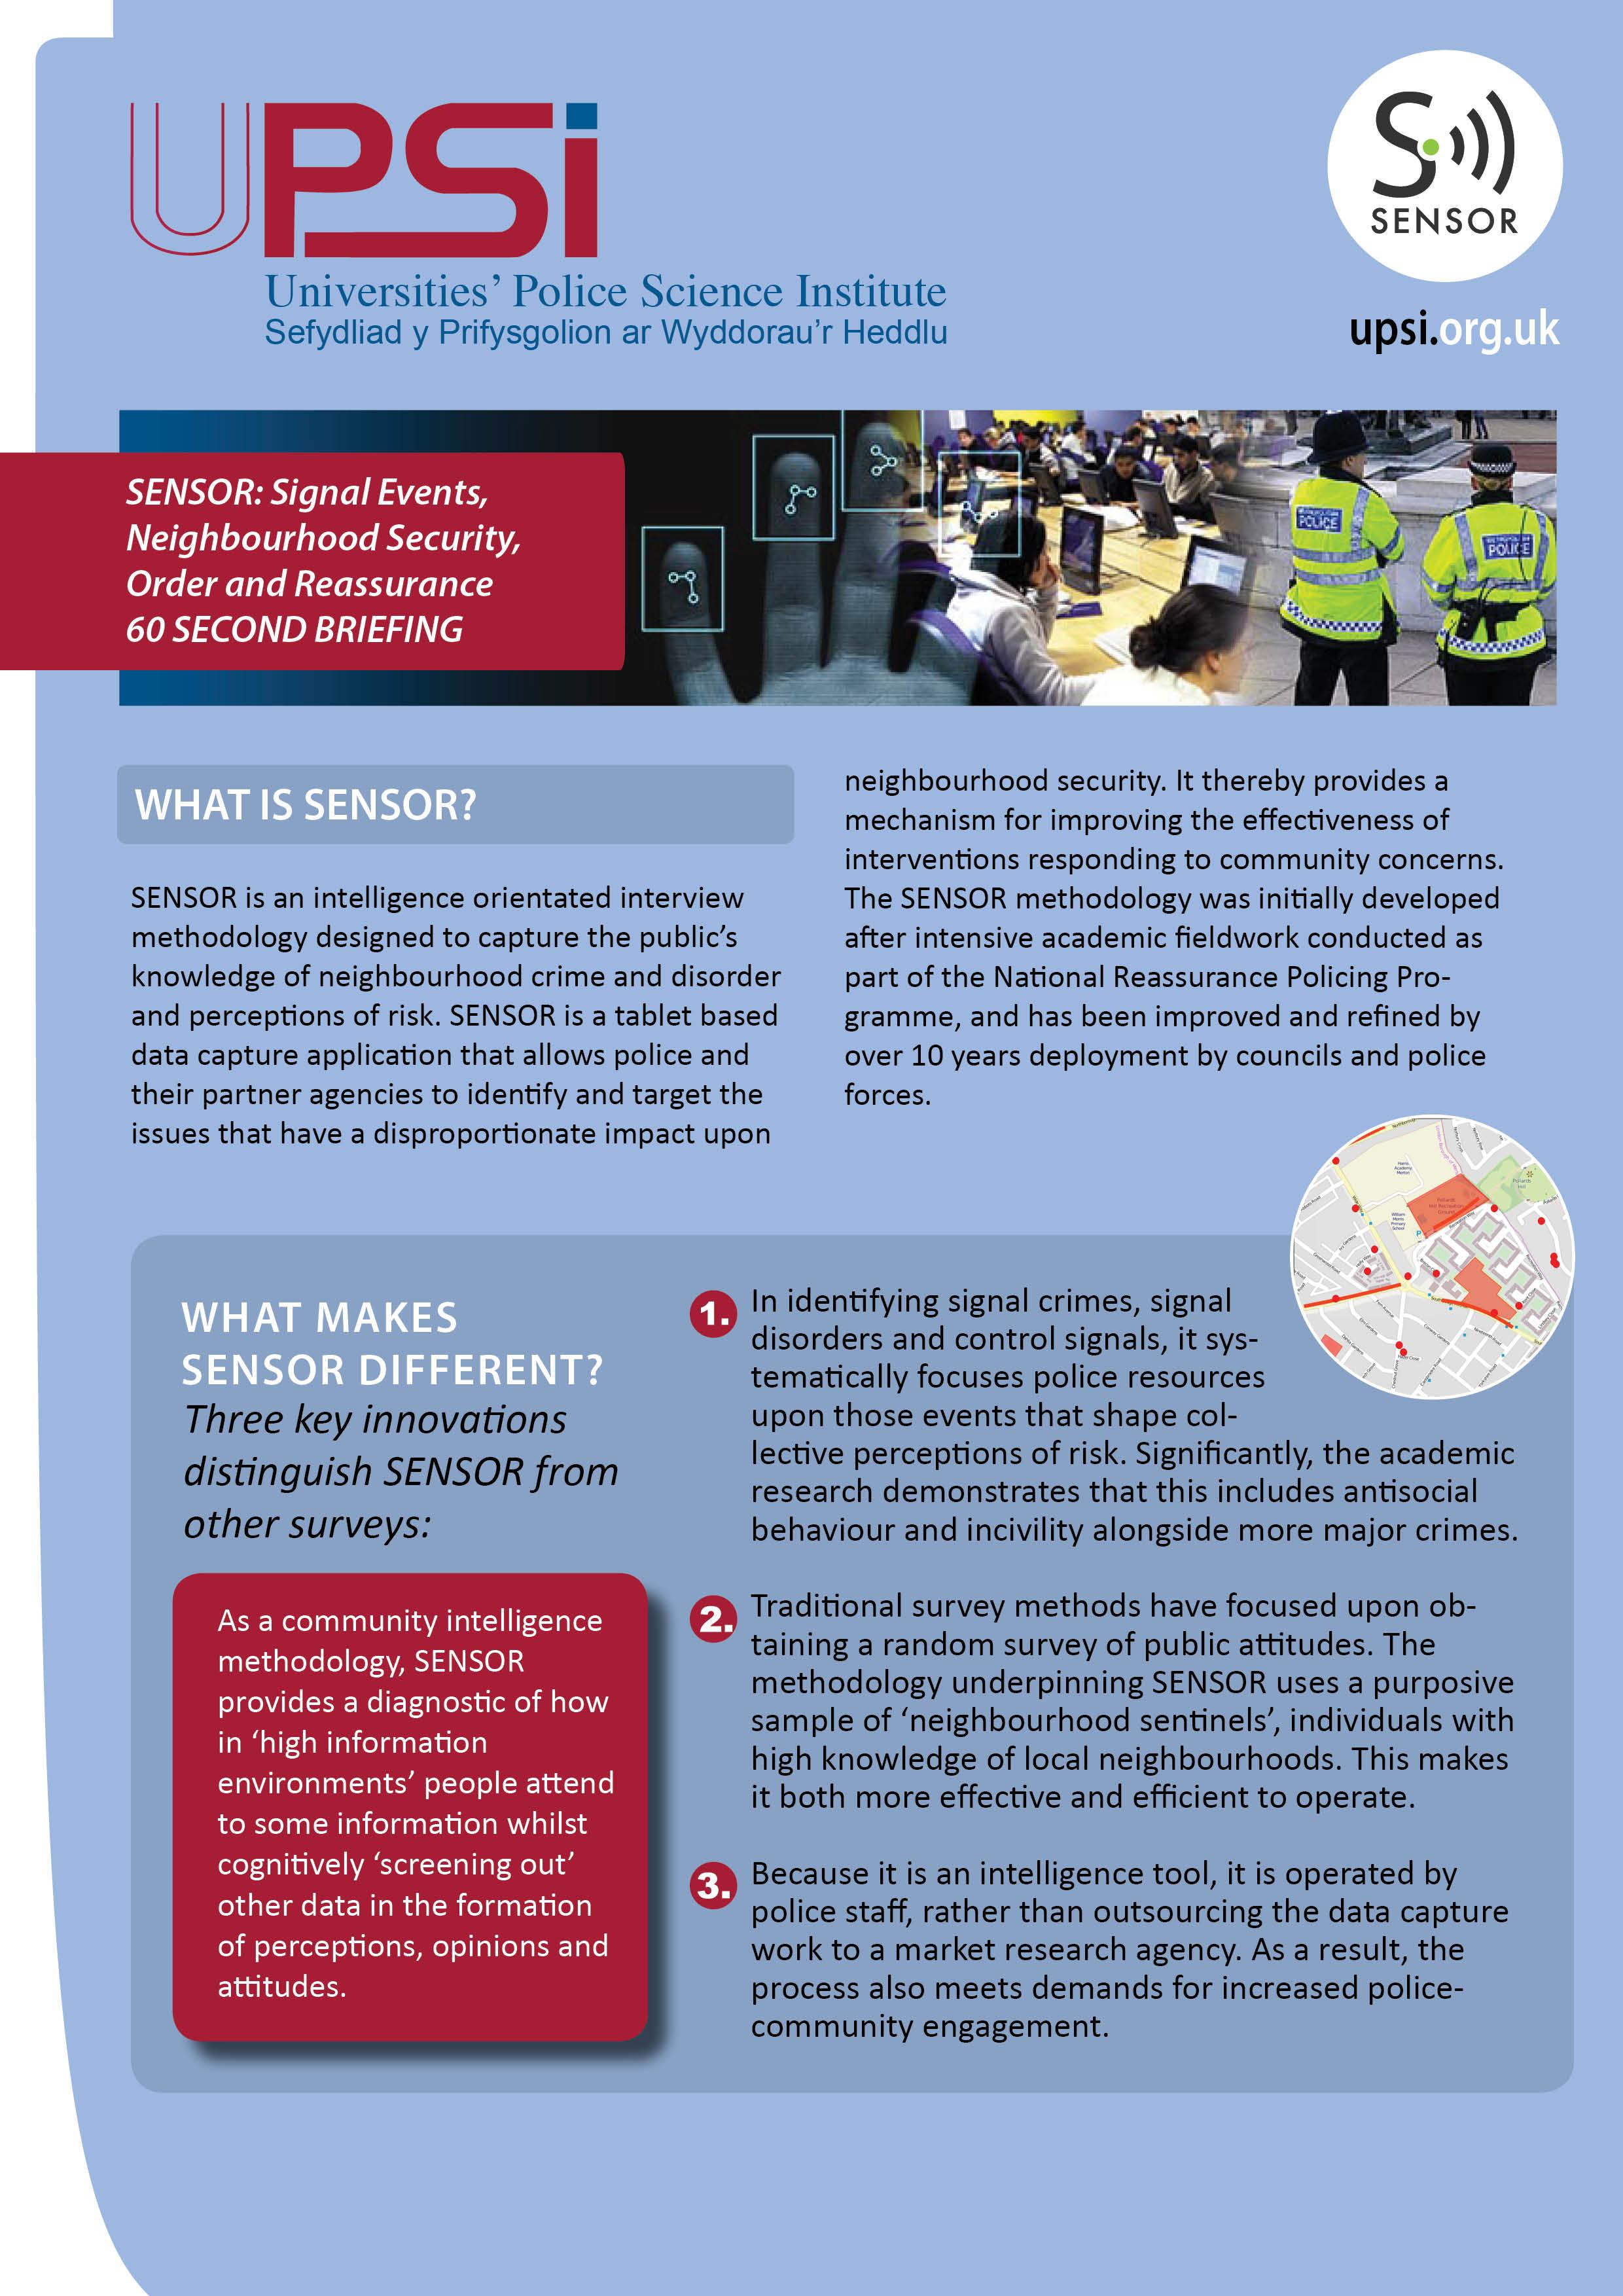 UPSI SENSOR Briefing Cover.jpg